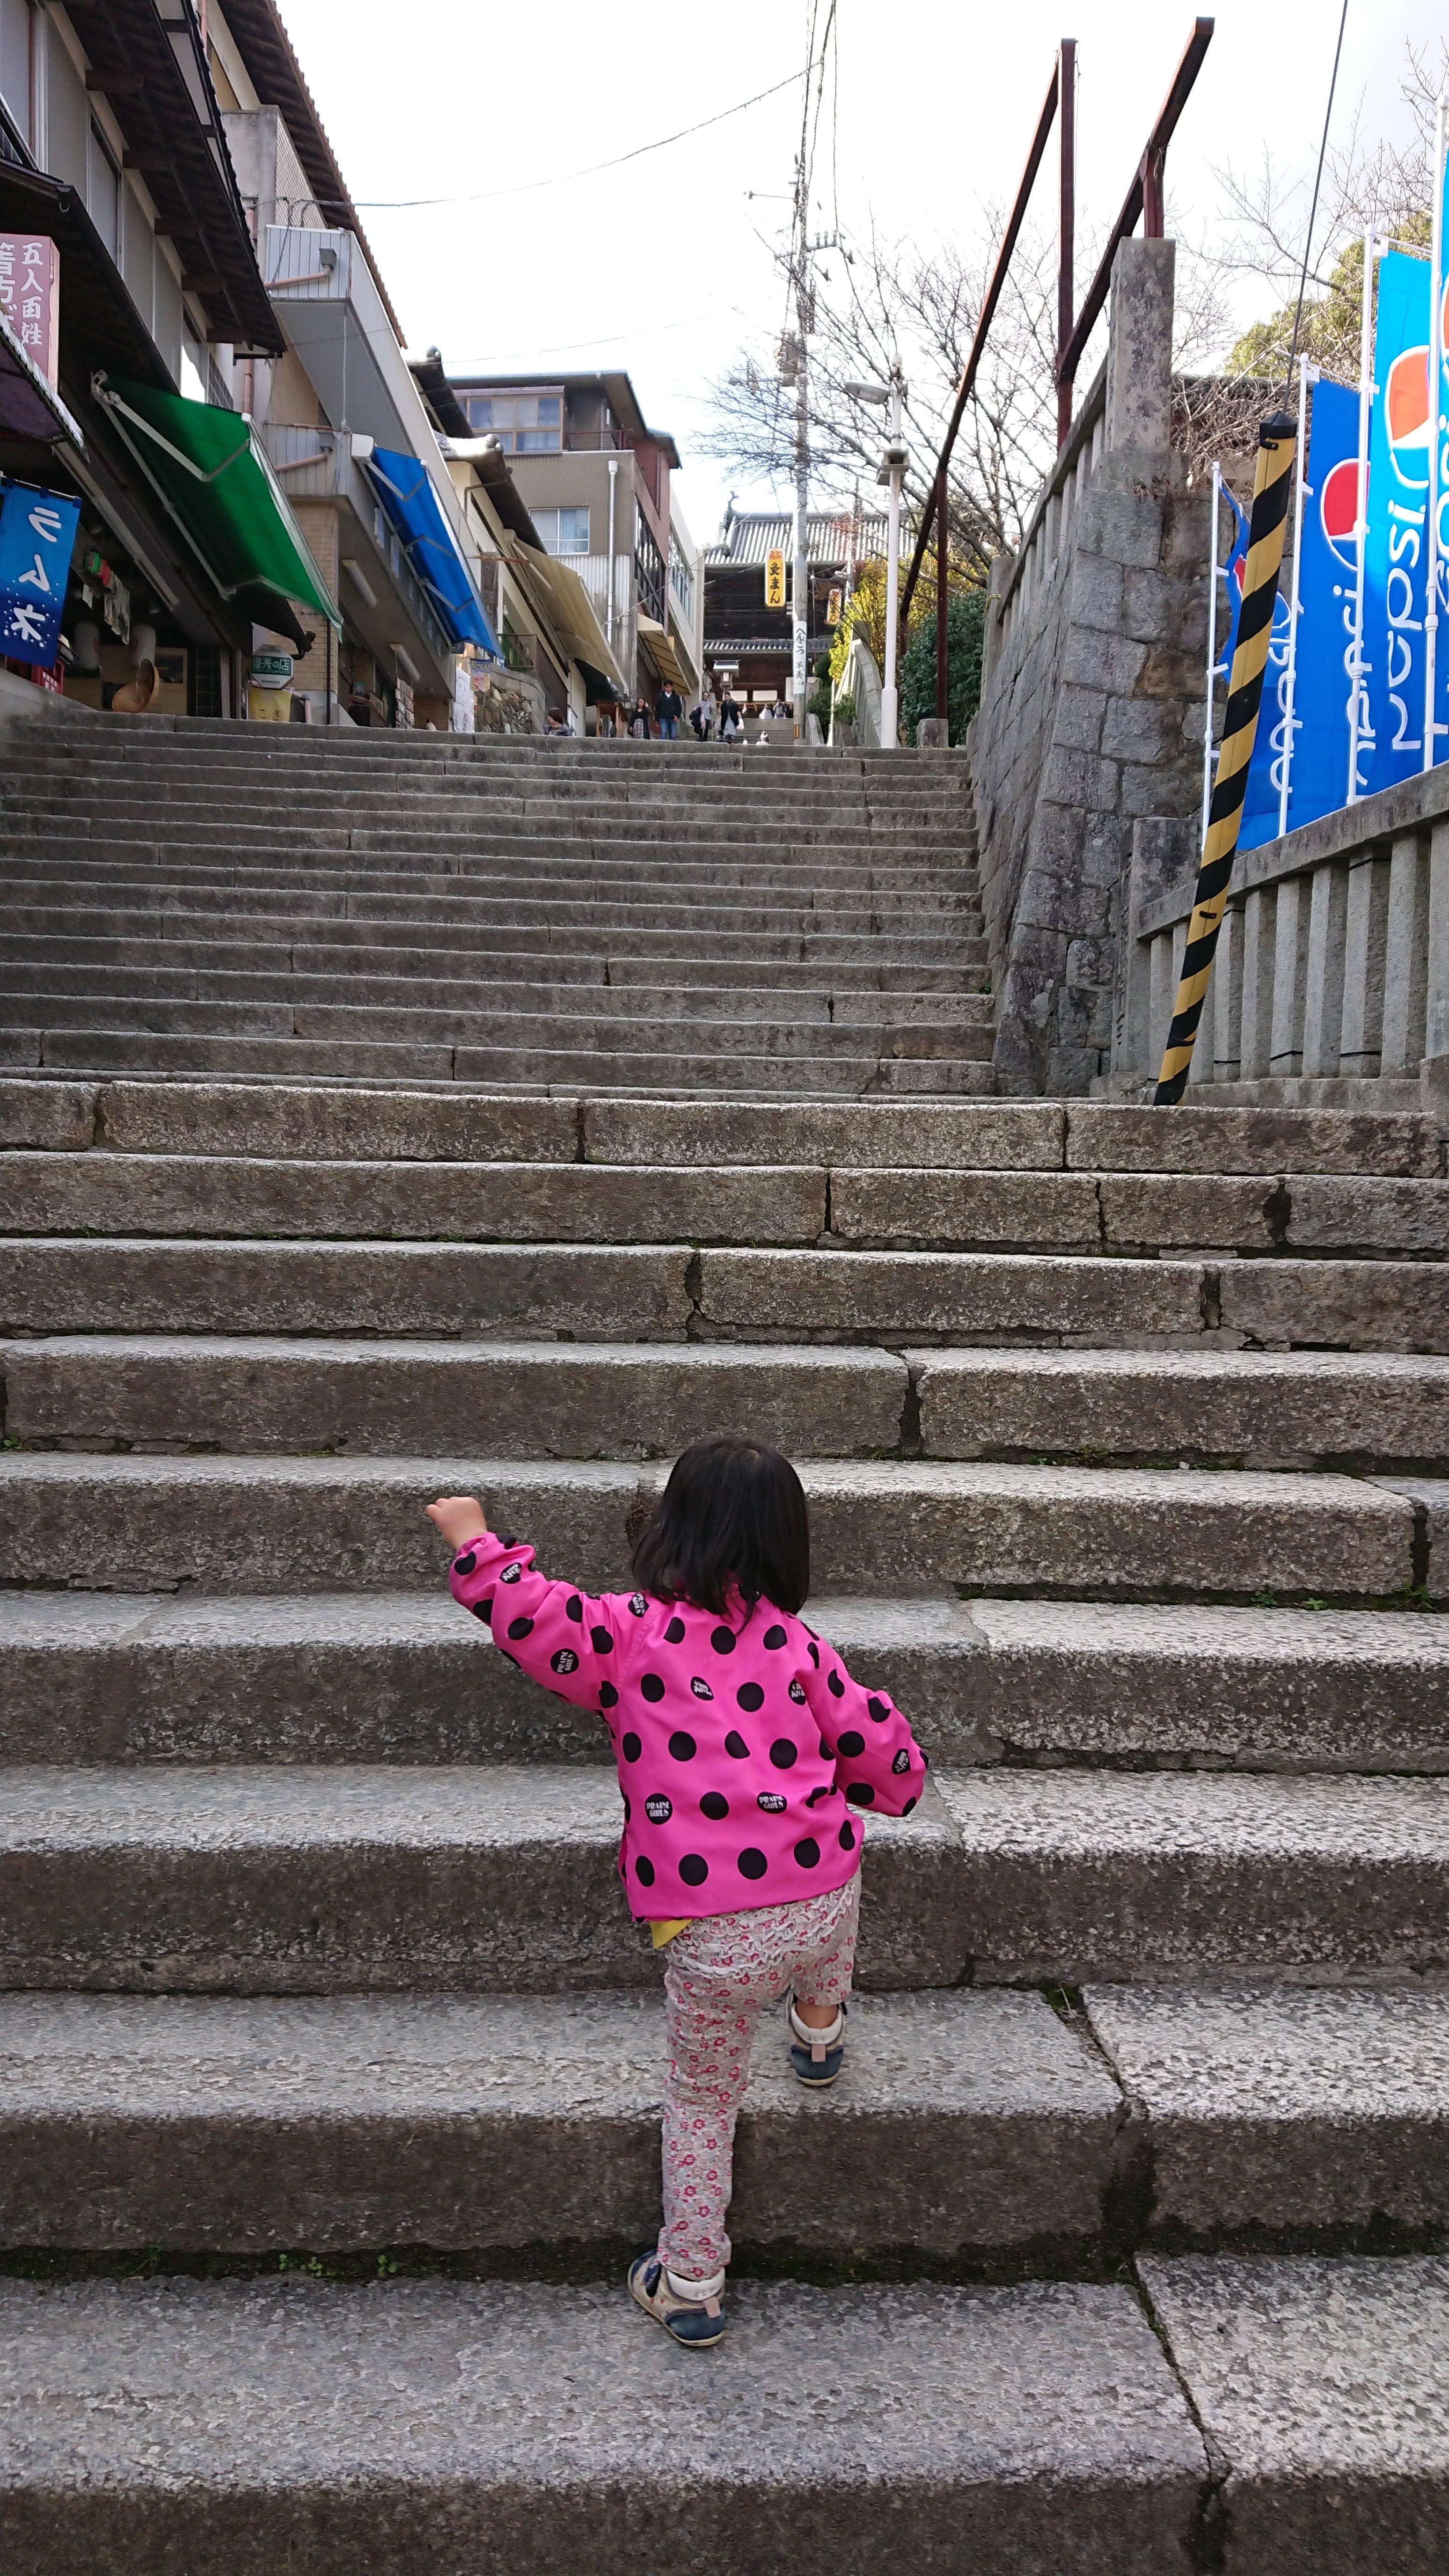 こんぴらさん子連れで階段に登っている様子